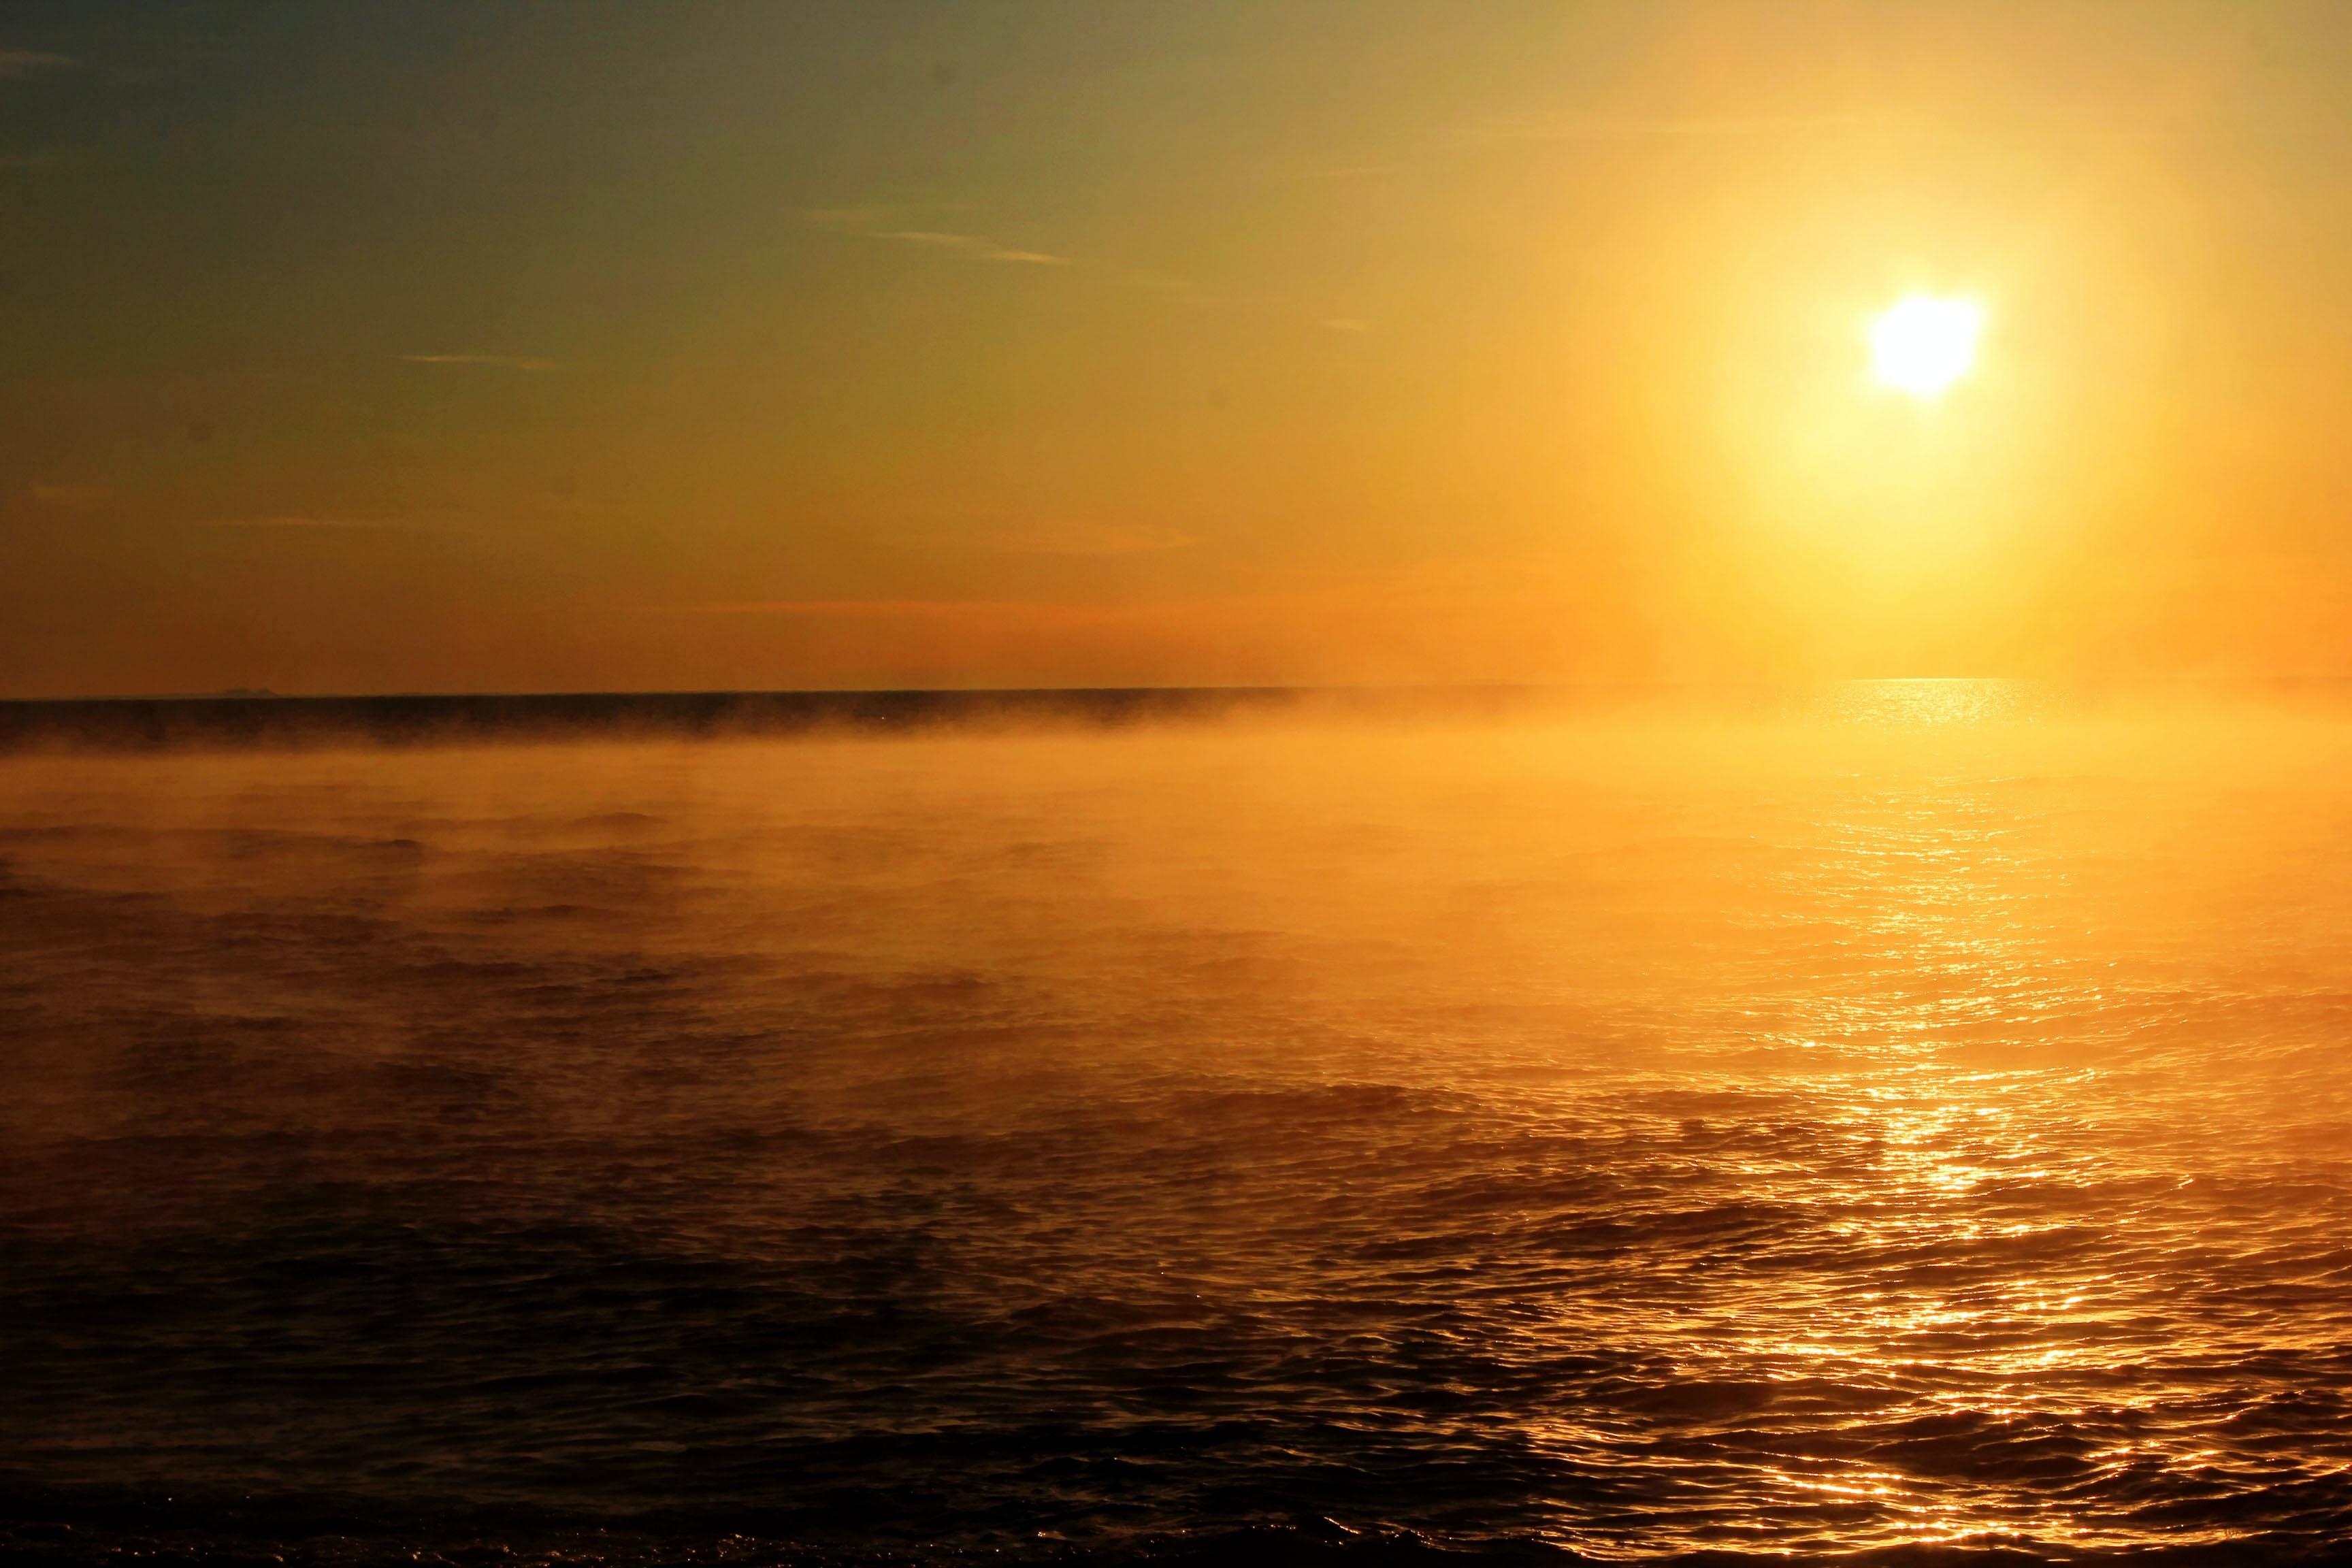 Sun setting over open waters, illuminating ocean